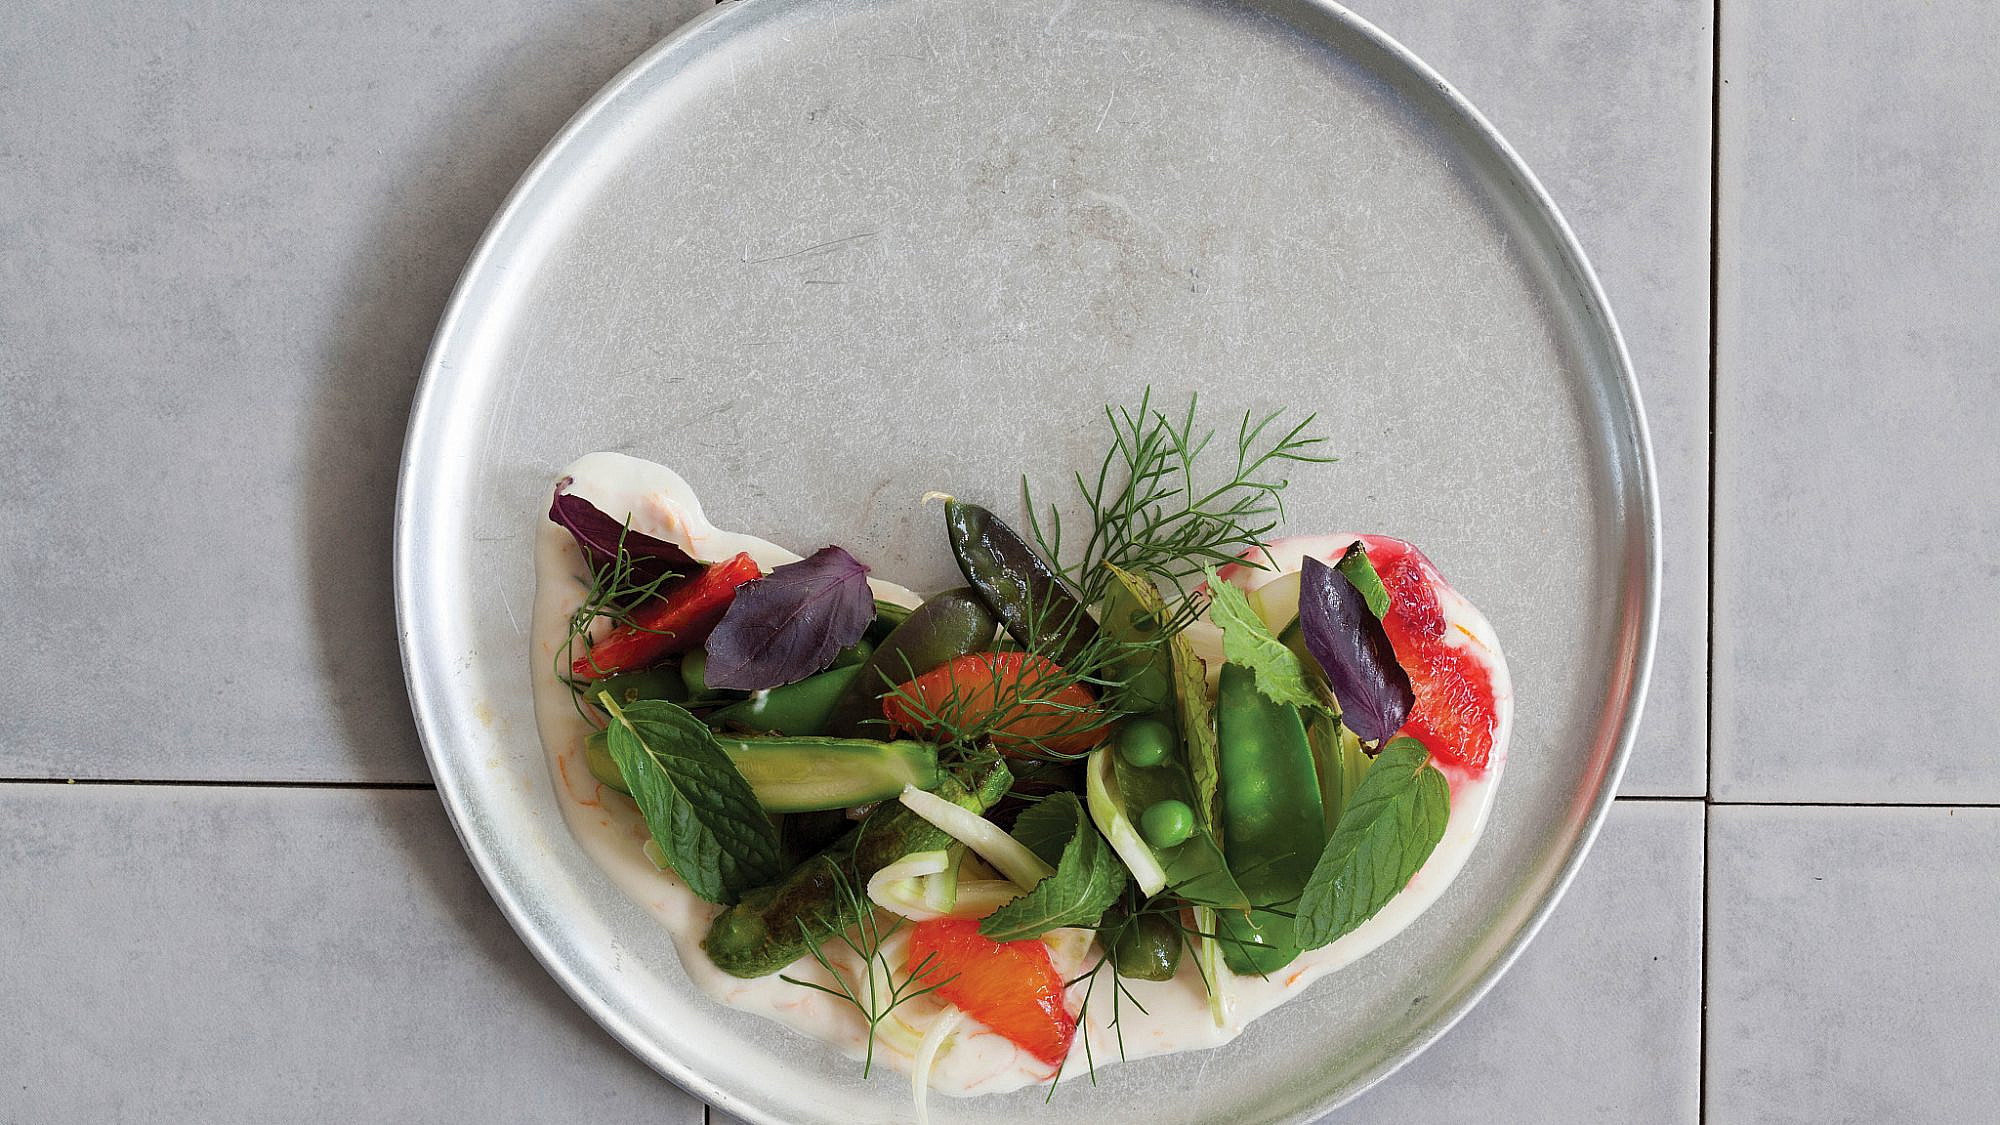 סלט ביכורים של ירקות אביב של טל פייגנבאום. צילום: דן לב | סגנון: דלית רוסו